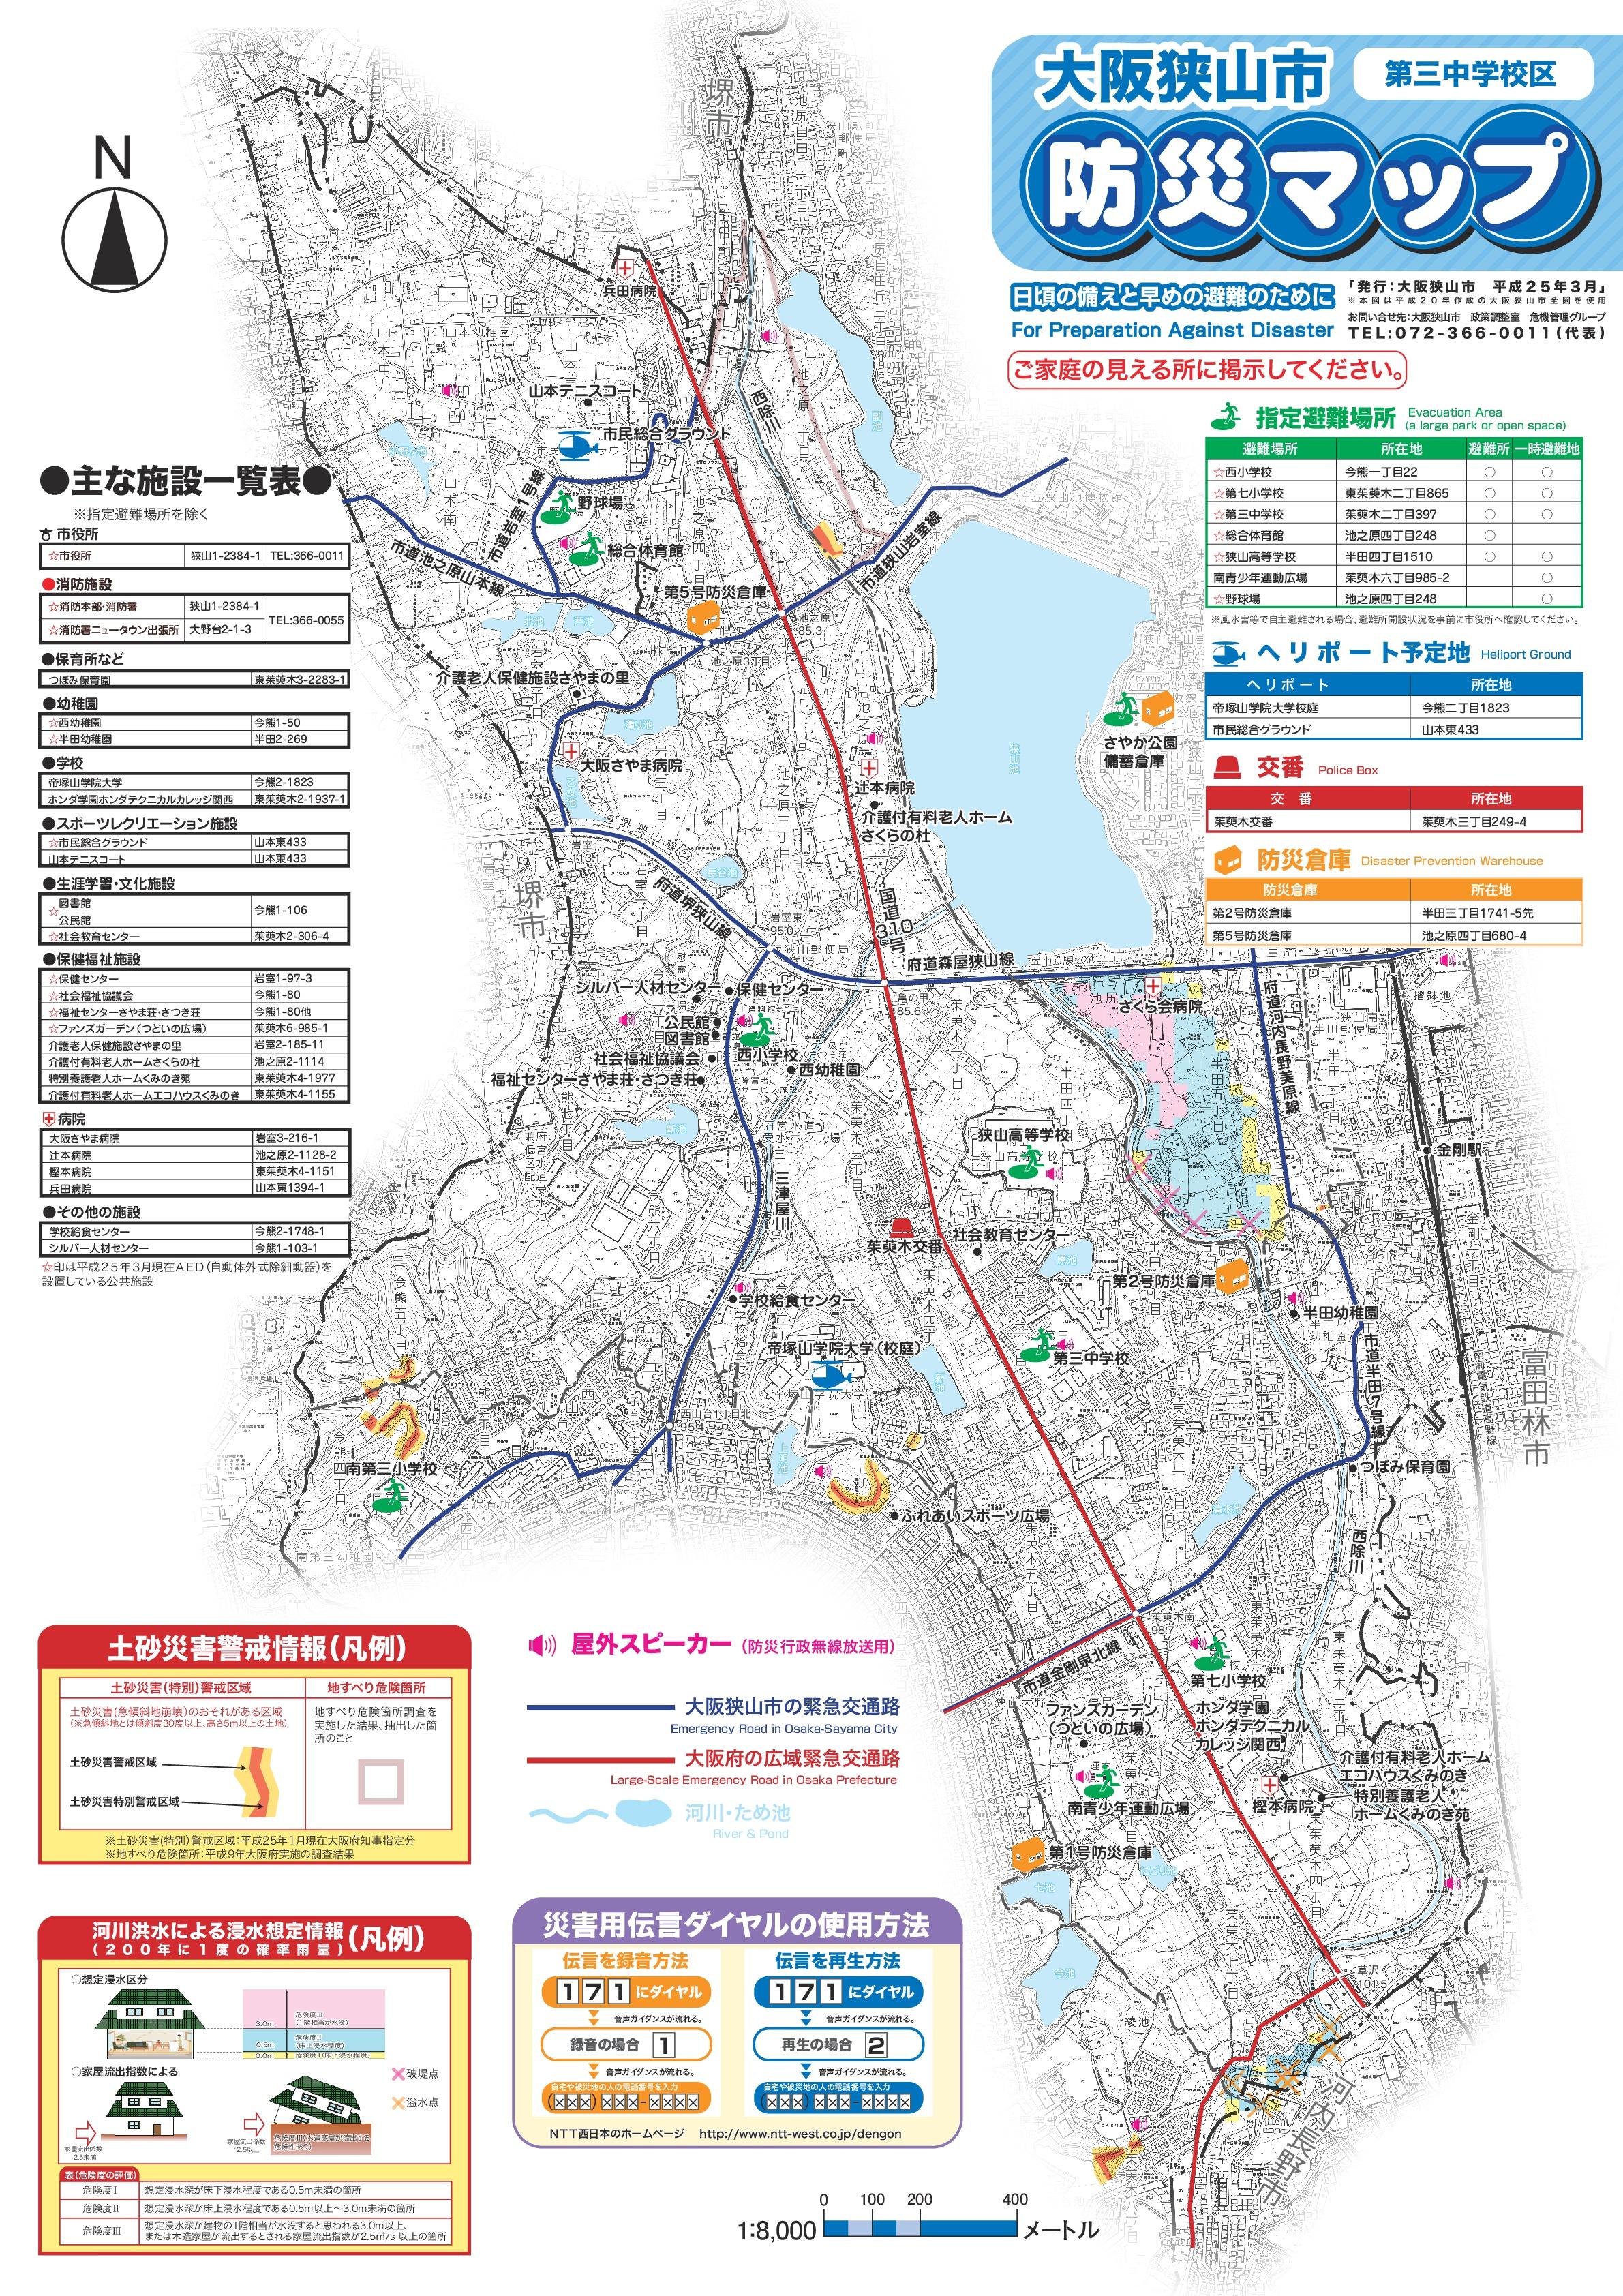 大阪狭山市防災マップ(第三中学校区版)